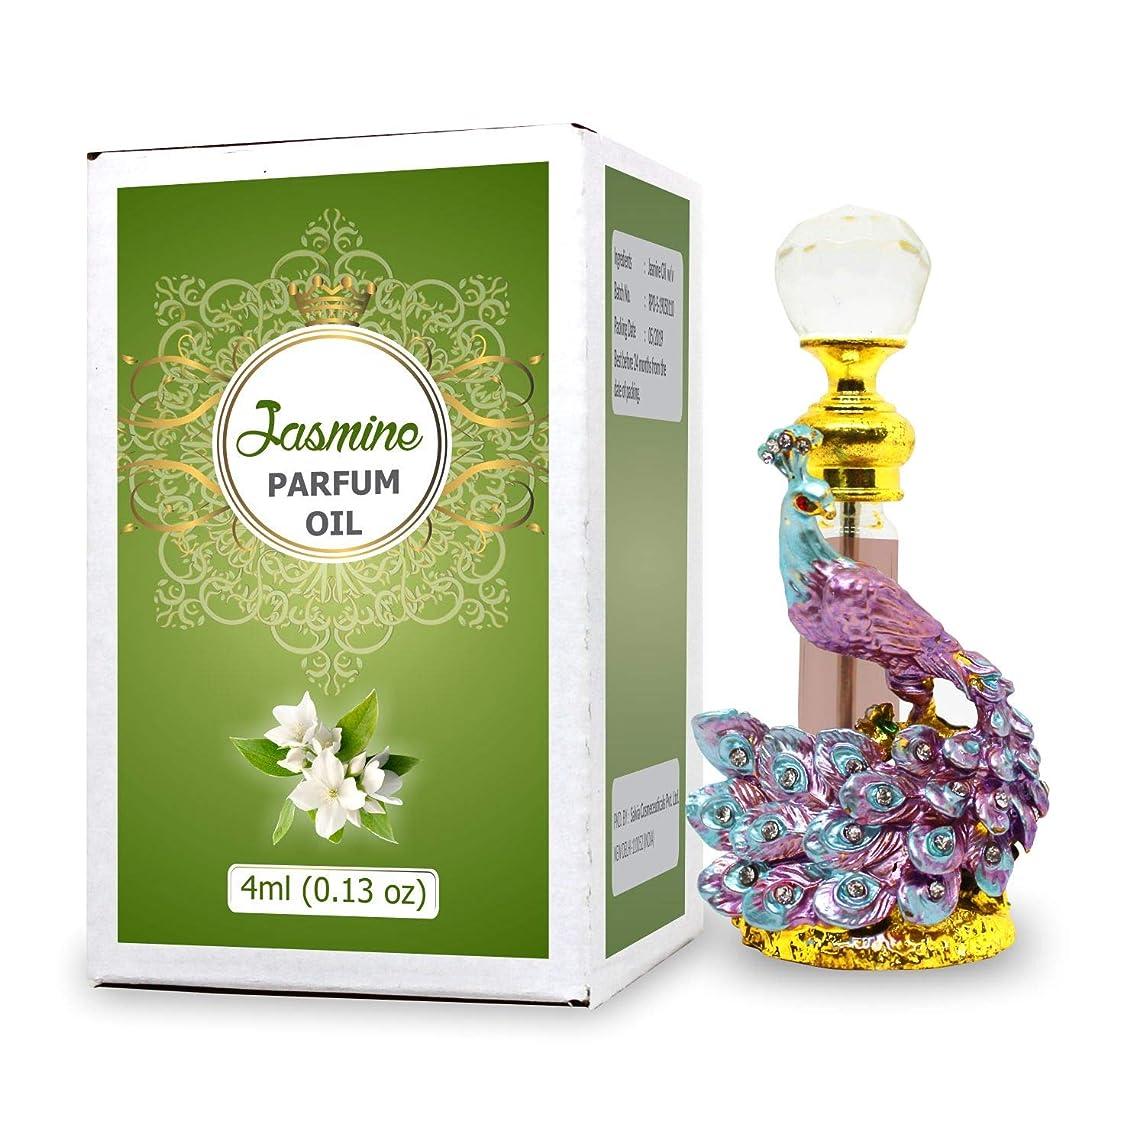 高潔なラフト航空機Jasmine Parfum Oil - Alcohol Free Perfume Oil - Long Lasting Jasmine Fragrance For Women - 4 ML